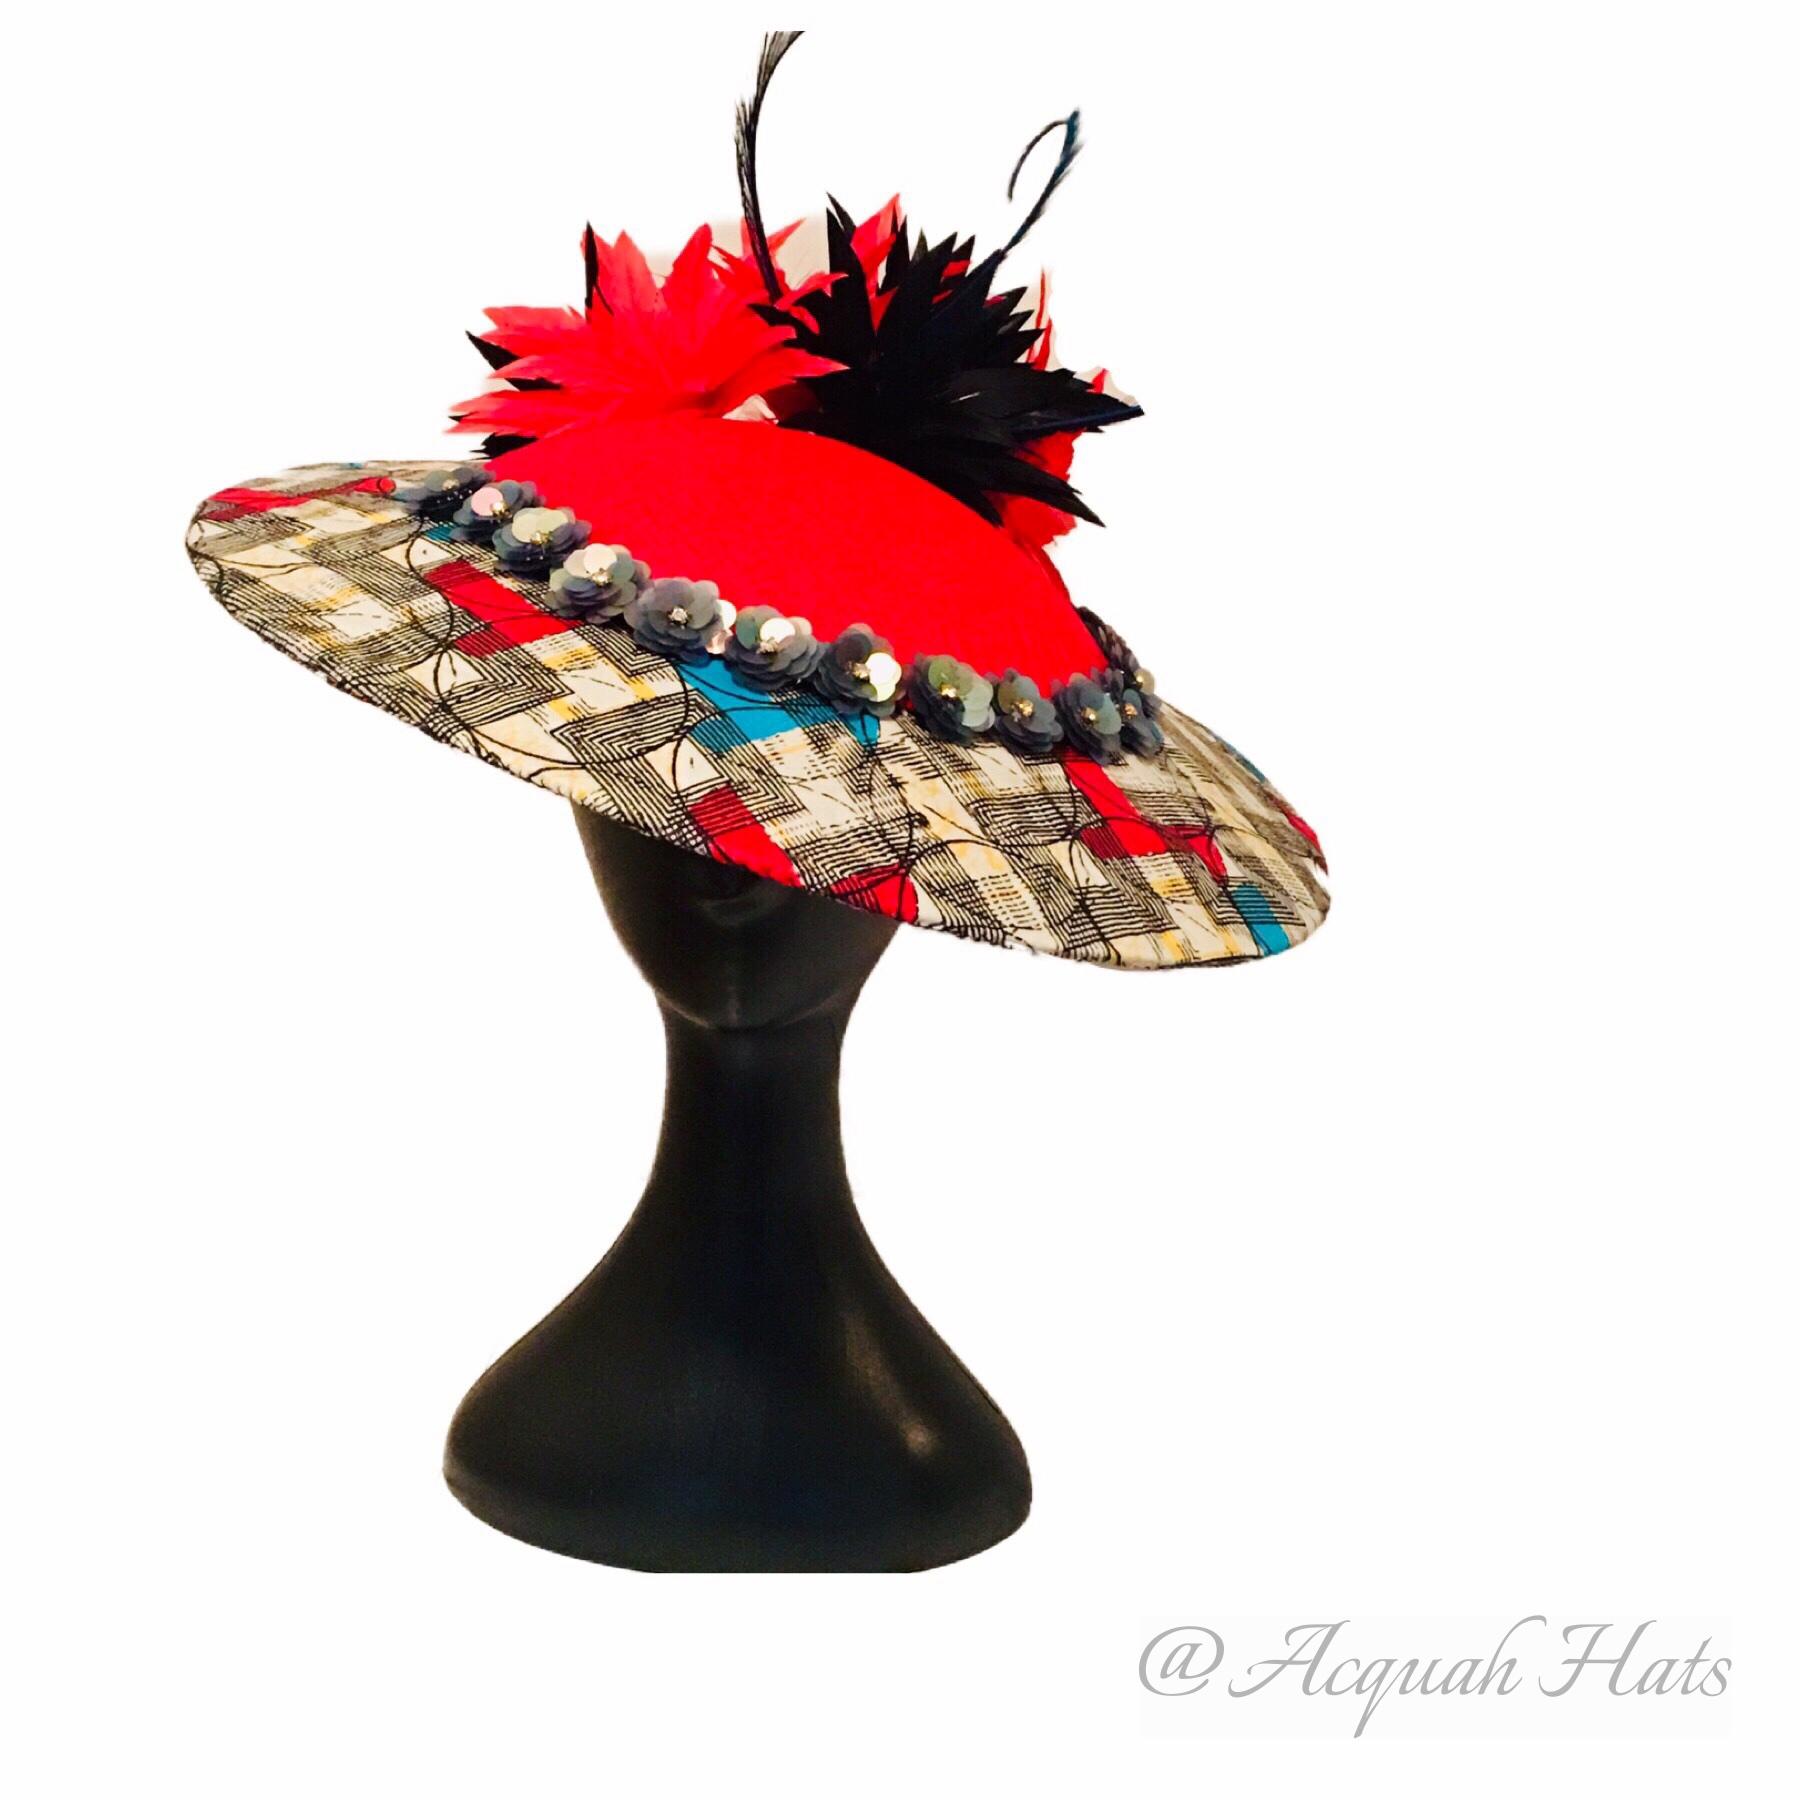 Acquah Hats